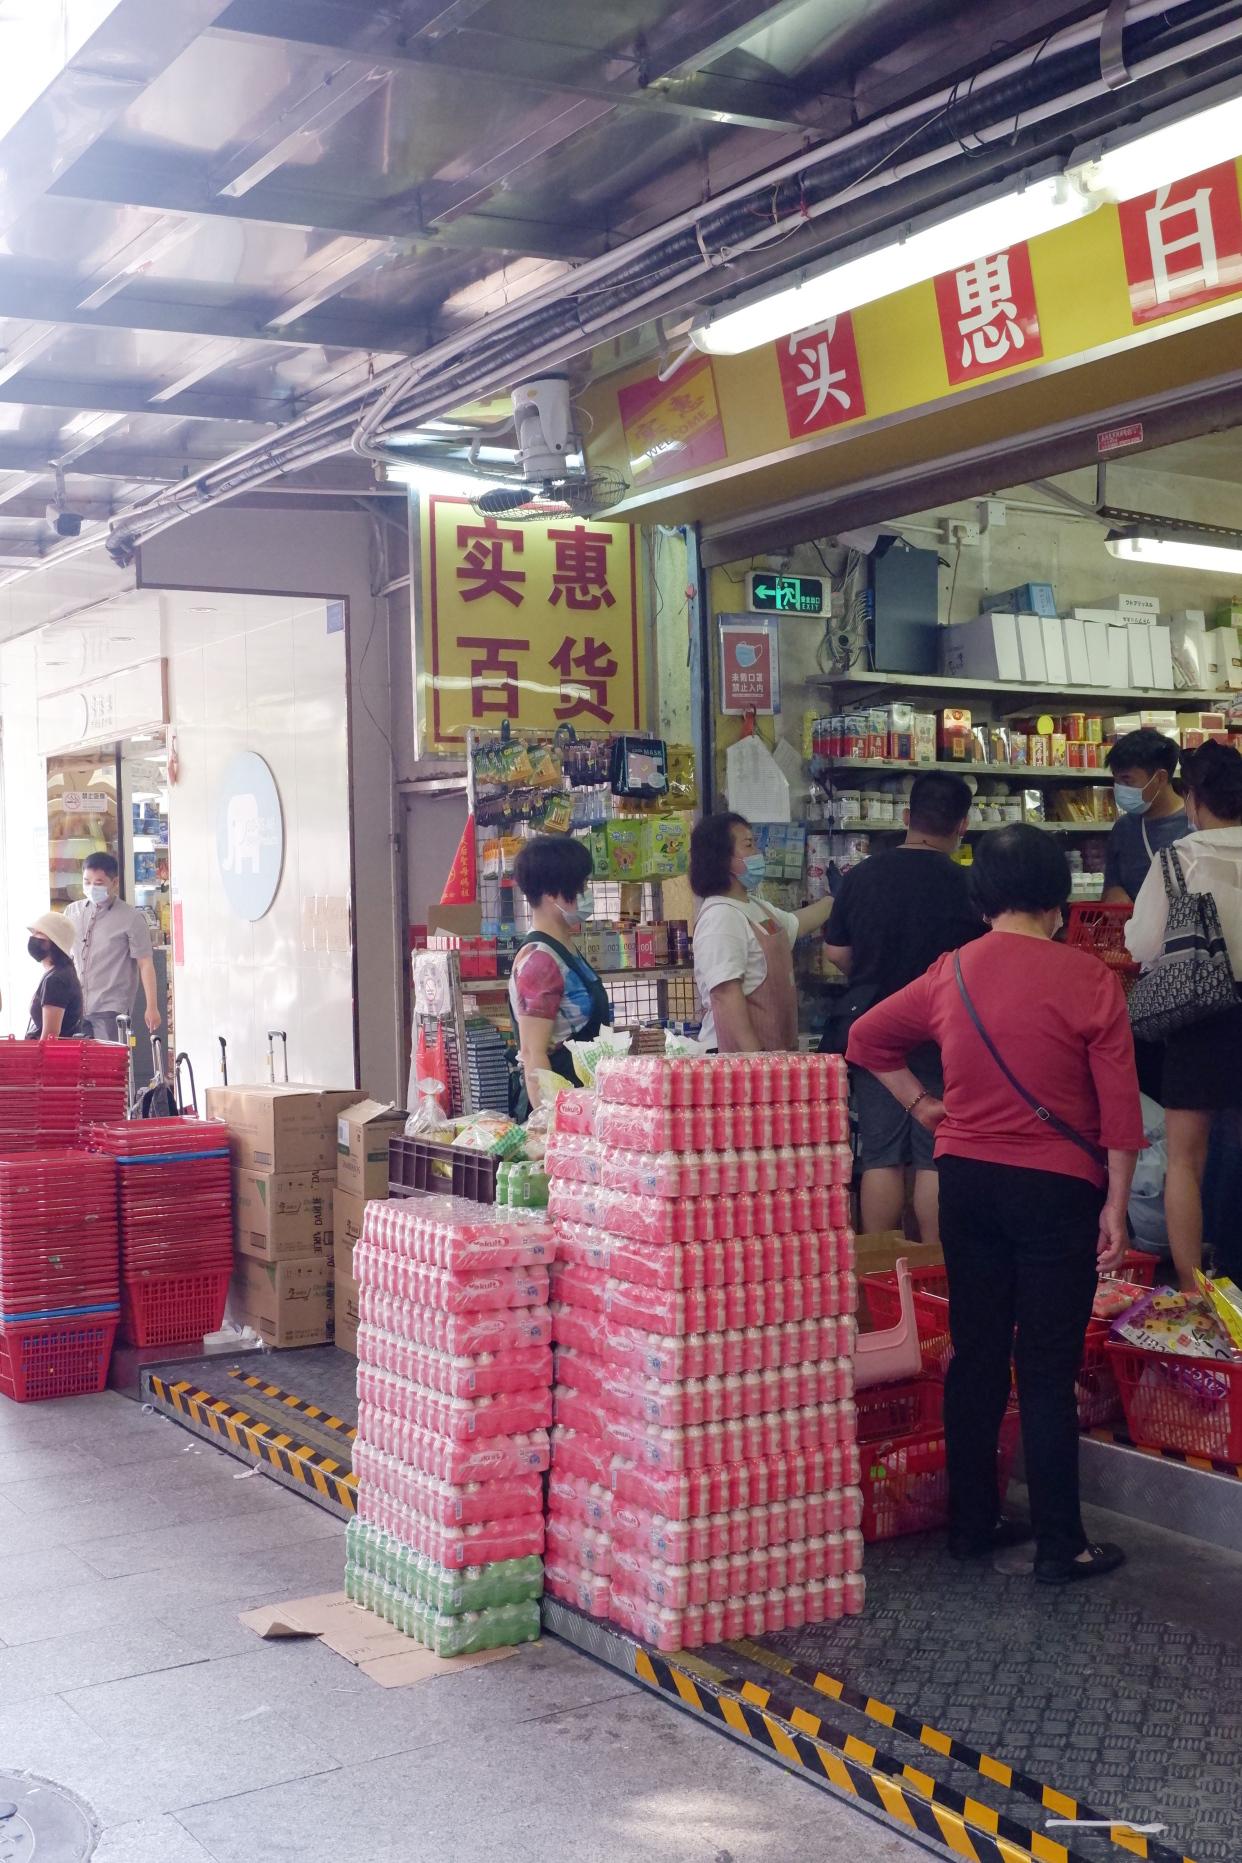 国内中英街一街两制,一边属于香港,一边属于大陆,逛街要办证